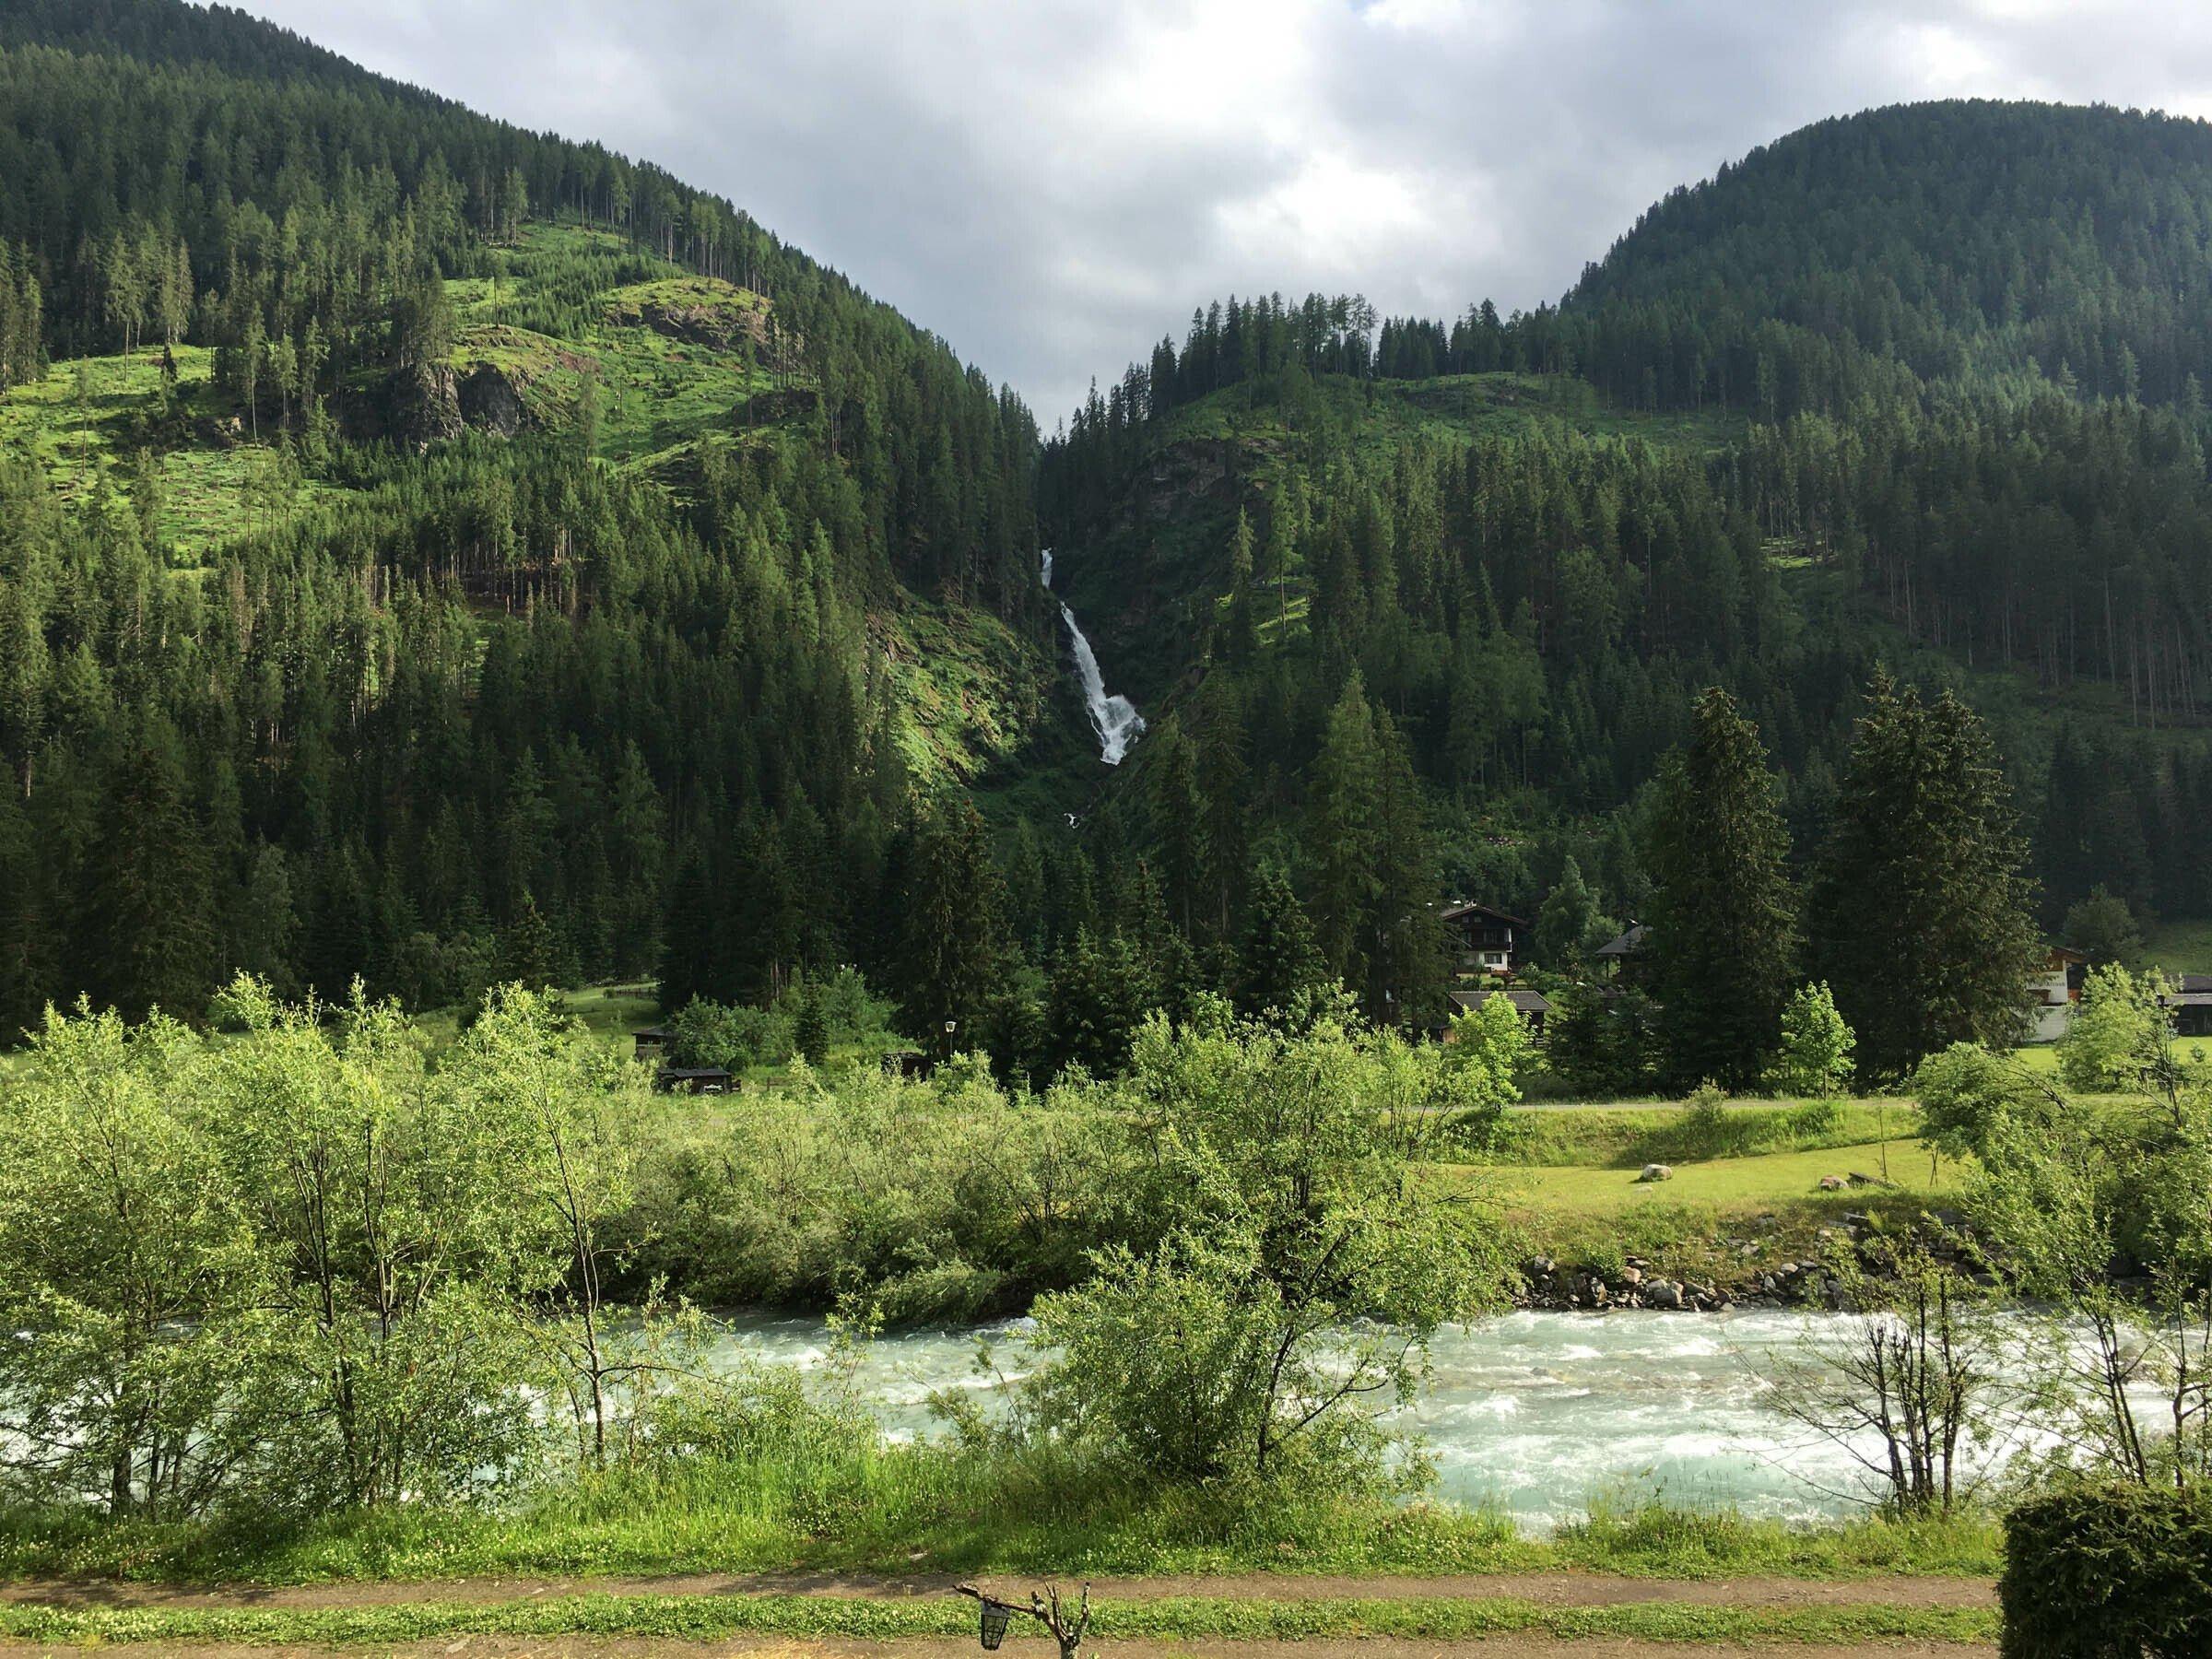 Quer im Bild ein Gebirgsbach mit Uferghölz, geradeaus Berge, Wald und ein hoher Wasserfall.